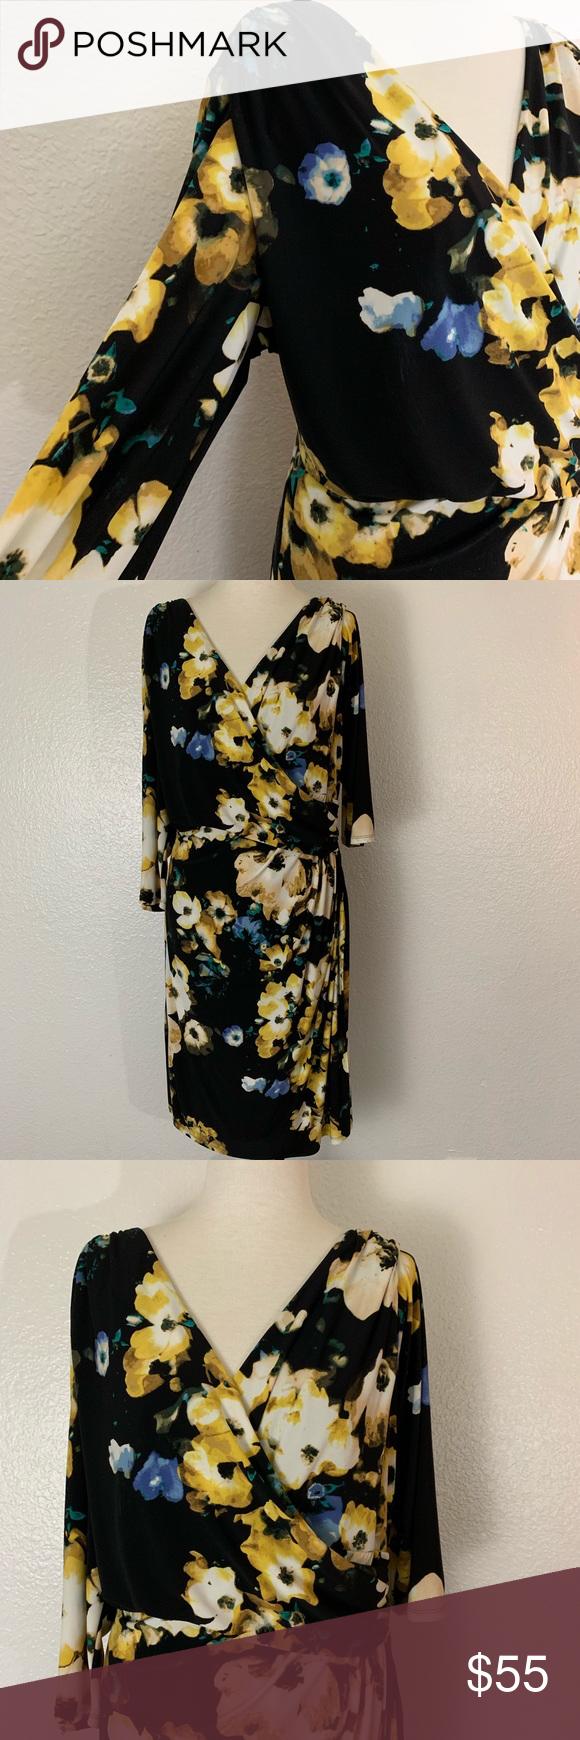 Lauren Ralph Lauren Floral Faux Wrap Dress 18w Lauren Ralph Lauren Women S Blue Black Yellow Floral Faux Wrap Dress Size 1 Faux Wrap Dress Wrap Dress Dresses [ 1740 x 580 Pixel ]